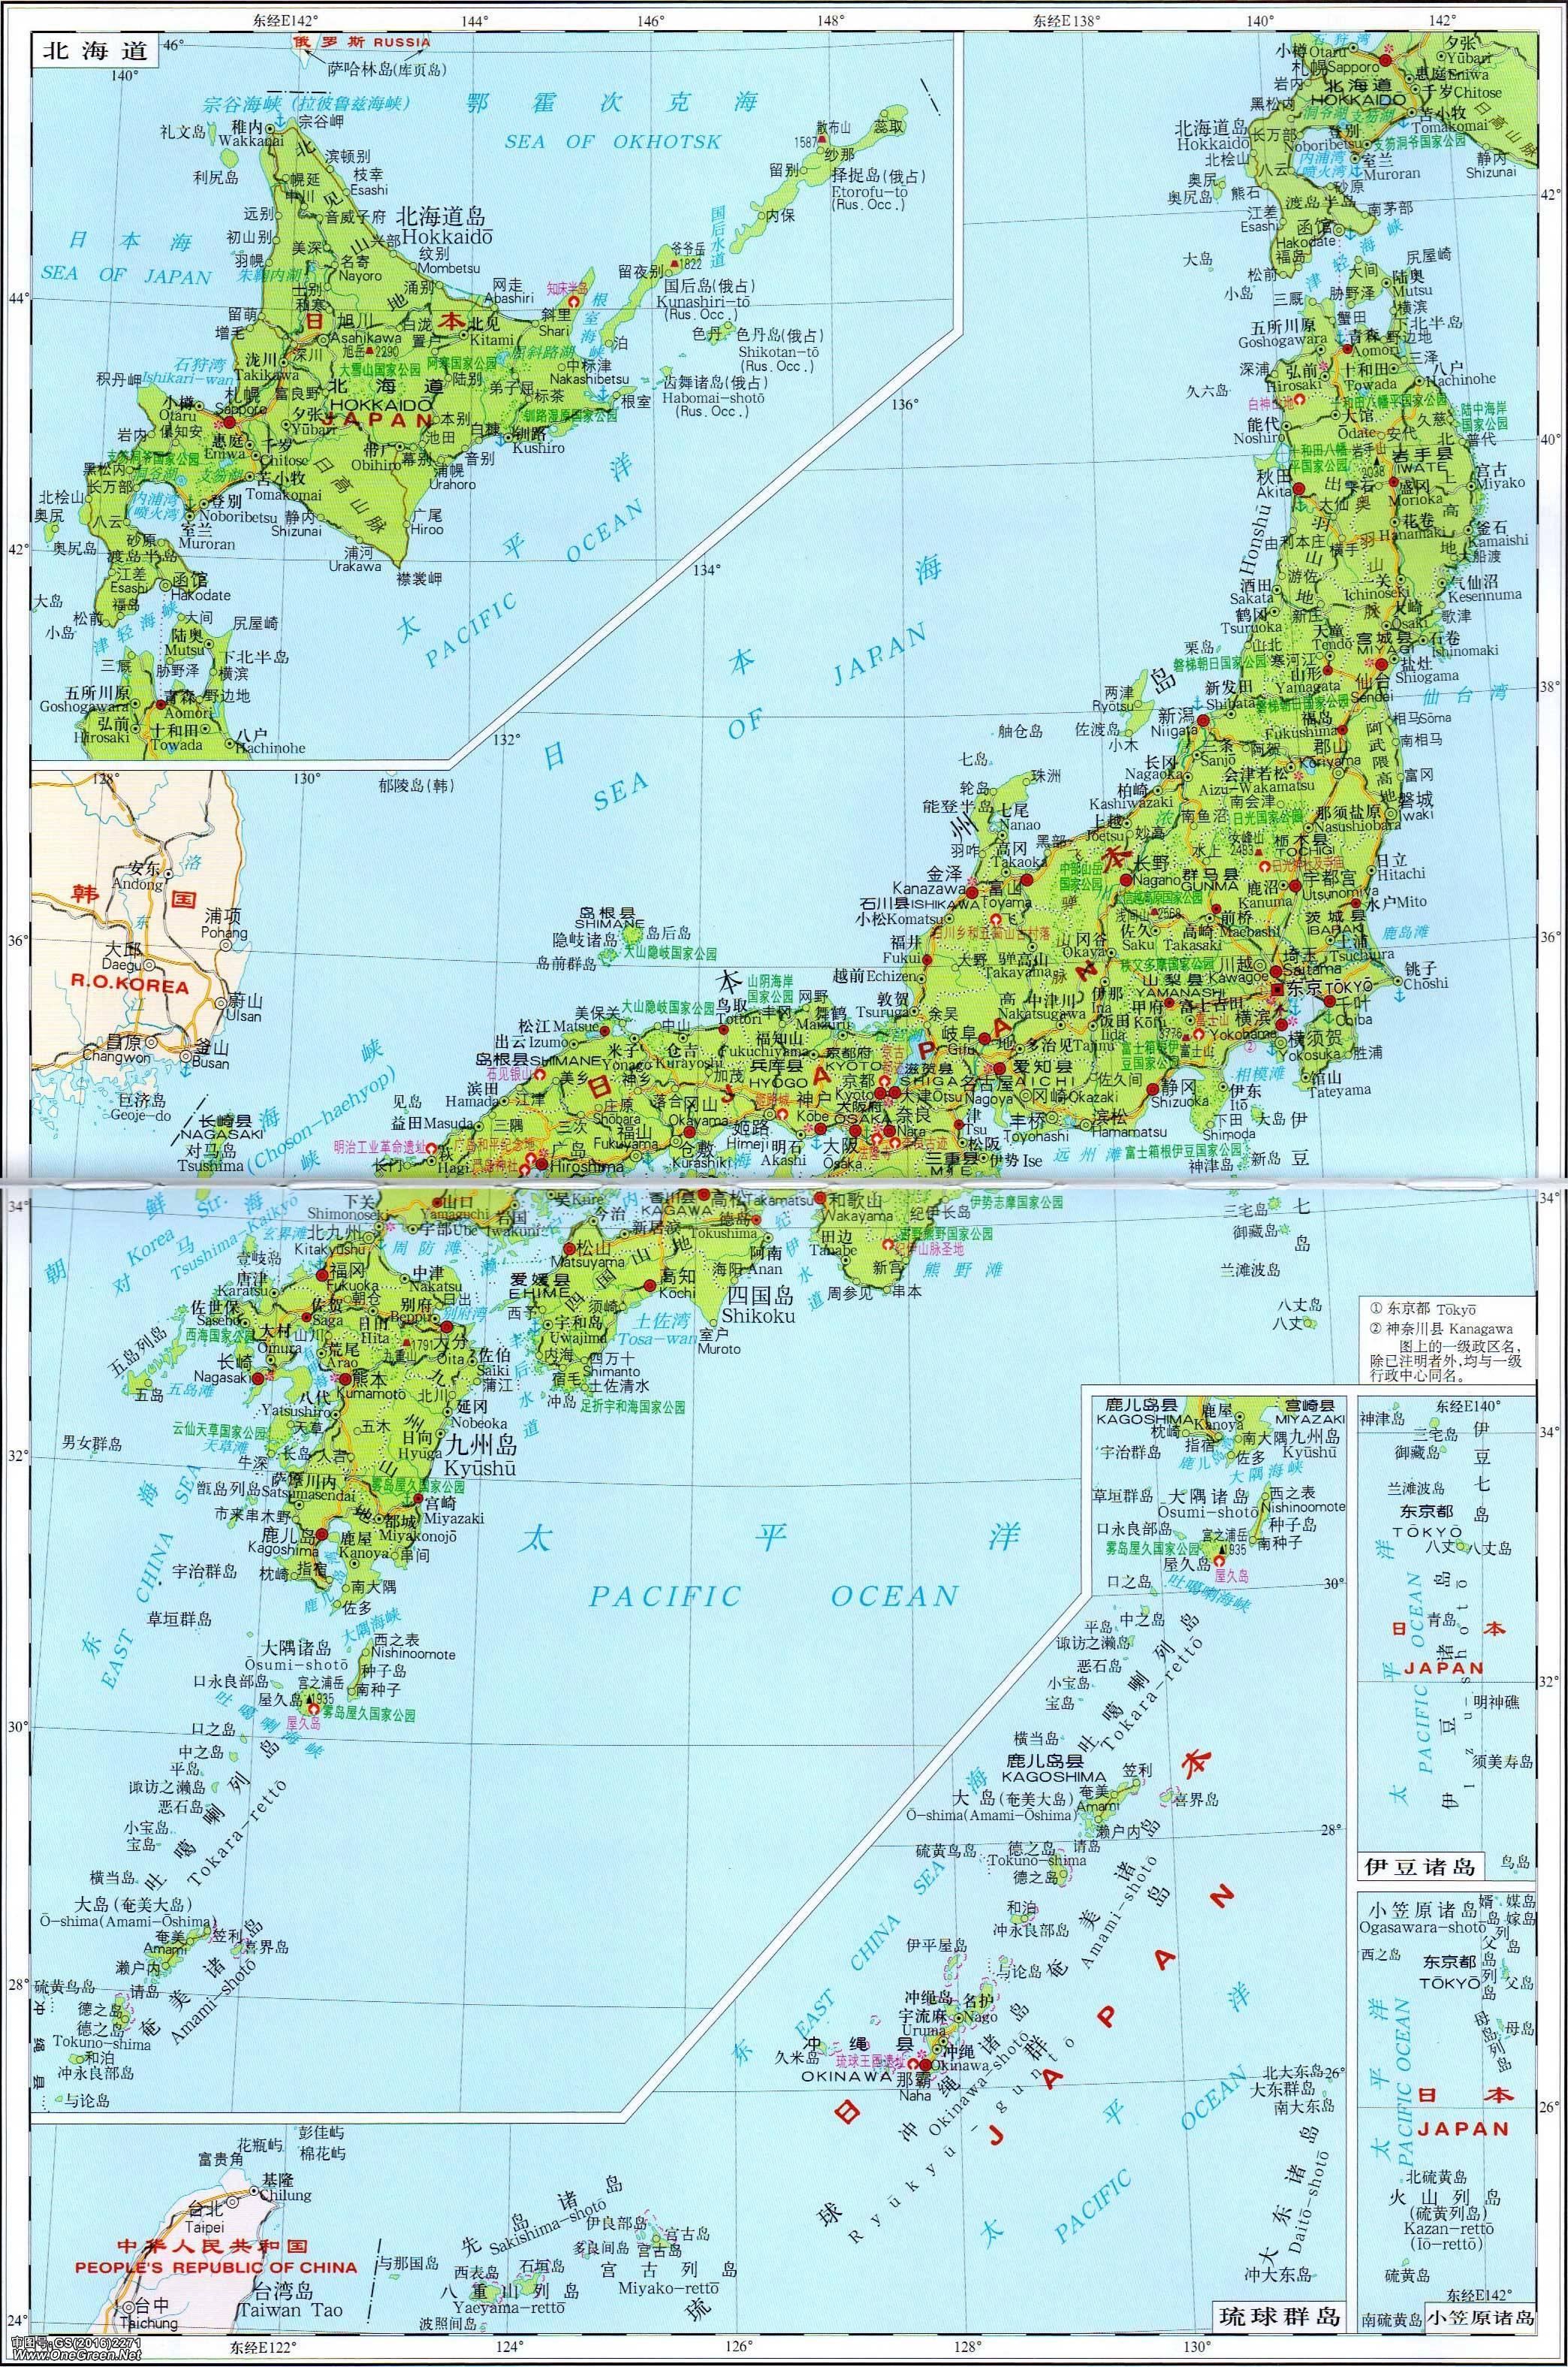 新加坡 地圖 中文 版 2017